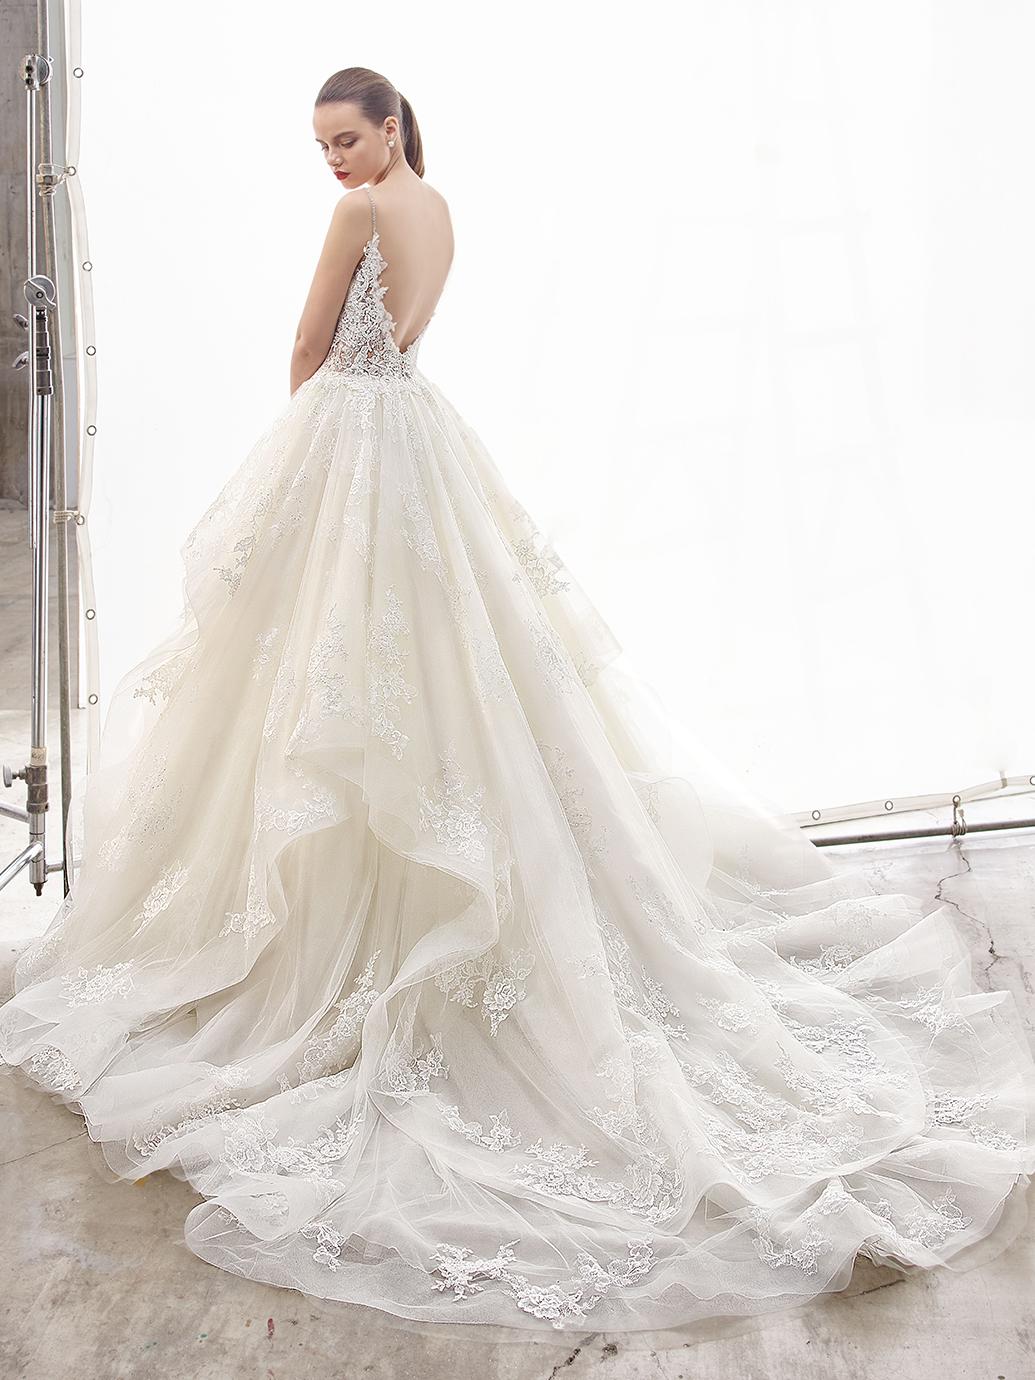 Enzoani Wedding Dress Natassia, ruffle skirt wedding dress, v neck wedding dress, spaghetti strap wedding dress, lace ball gown